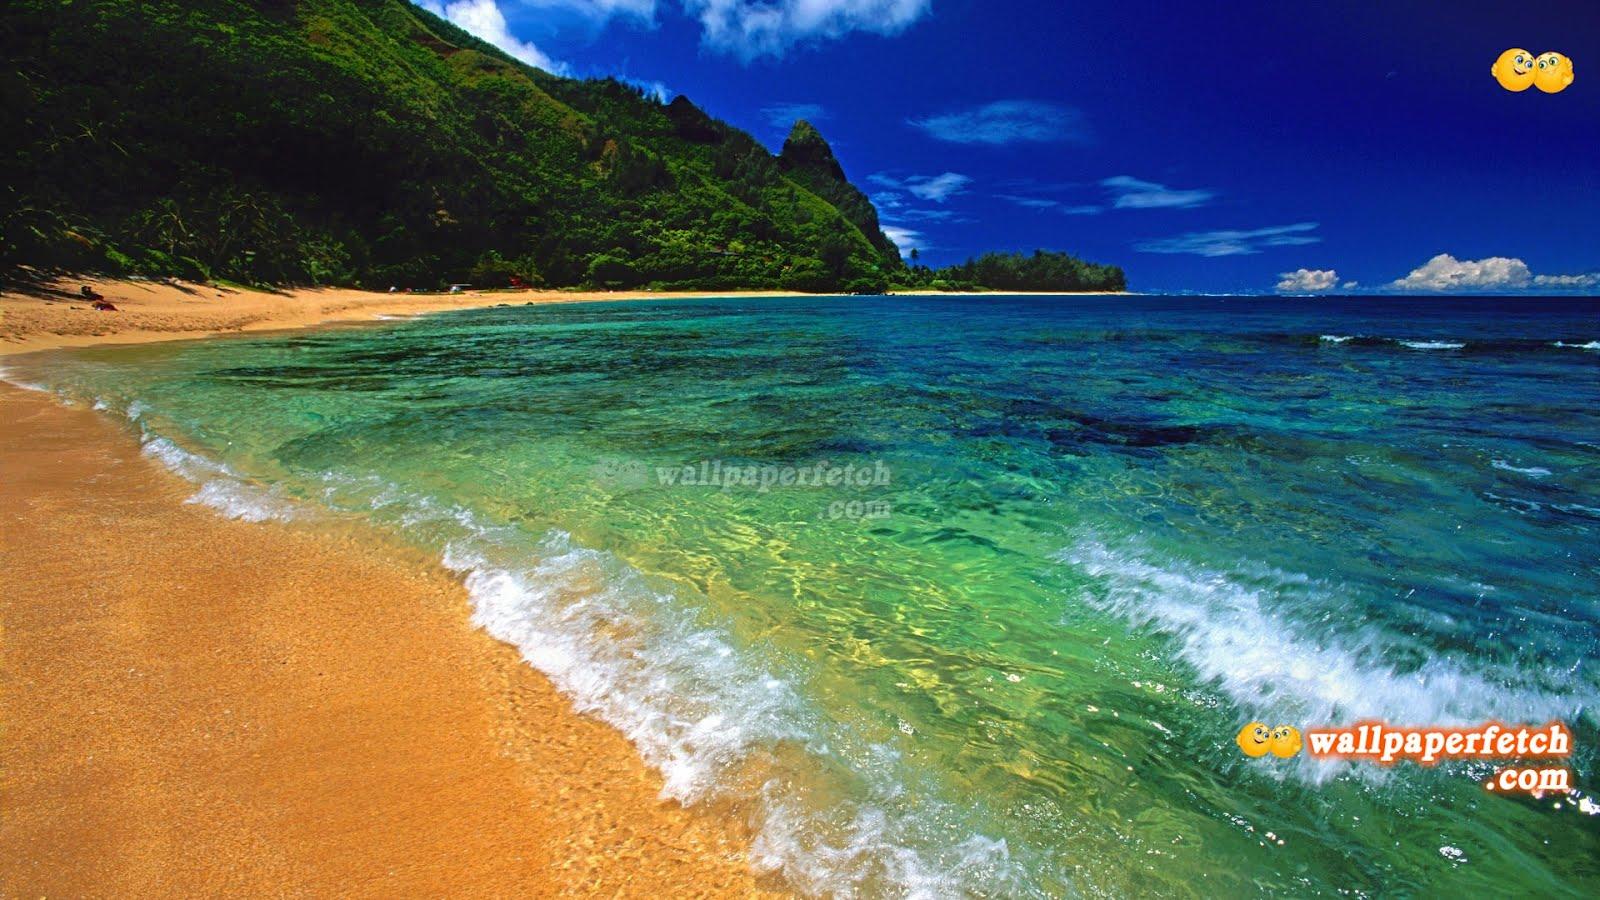 http://1.bp.blogspot.com/-LRZ8JCaYaVQ/T6g7nBjquhI/AAAAAAAALik/q8dJUZzwVKU/s1600/Tunnels_Beach_Kauai_Hawaii_Wallpaper_1920x1080_wallpaperhere.jpg